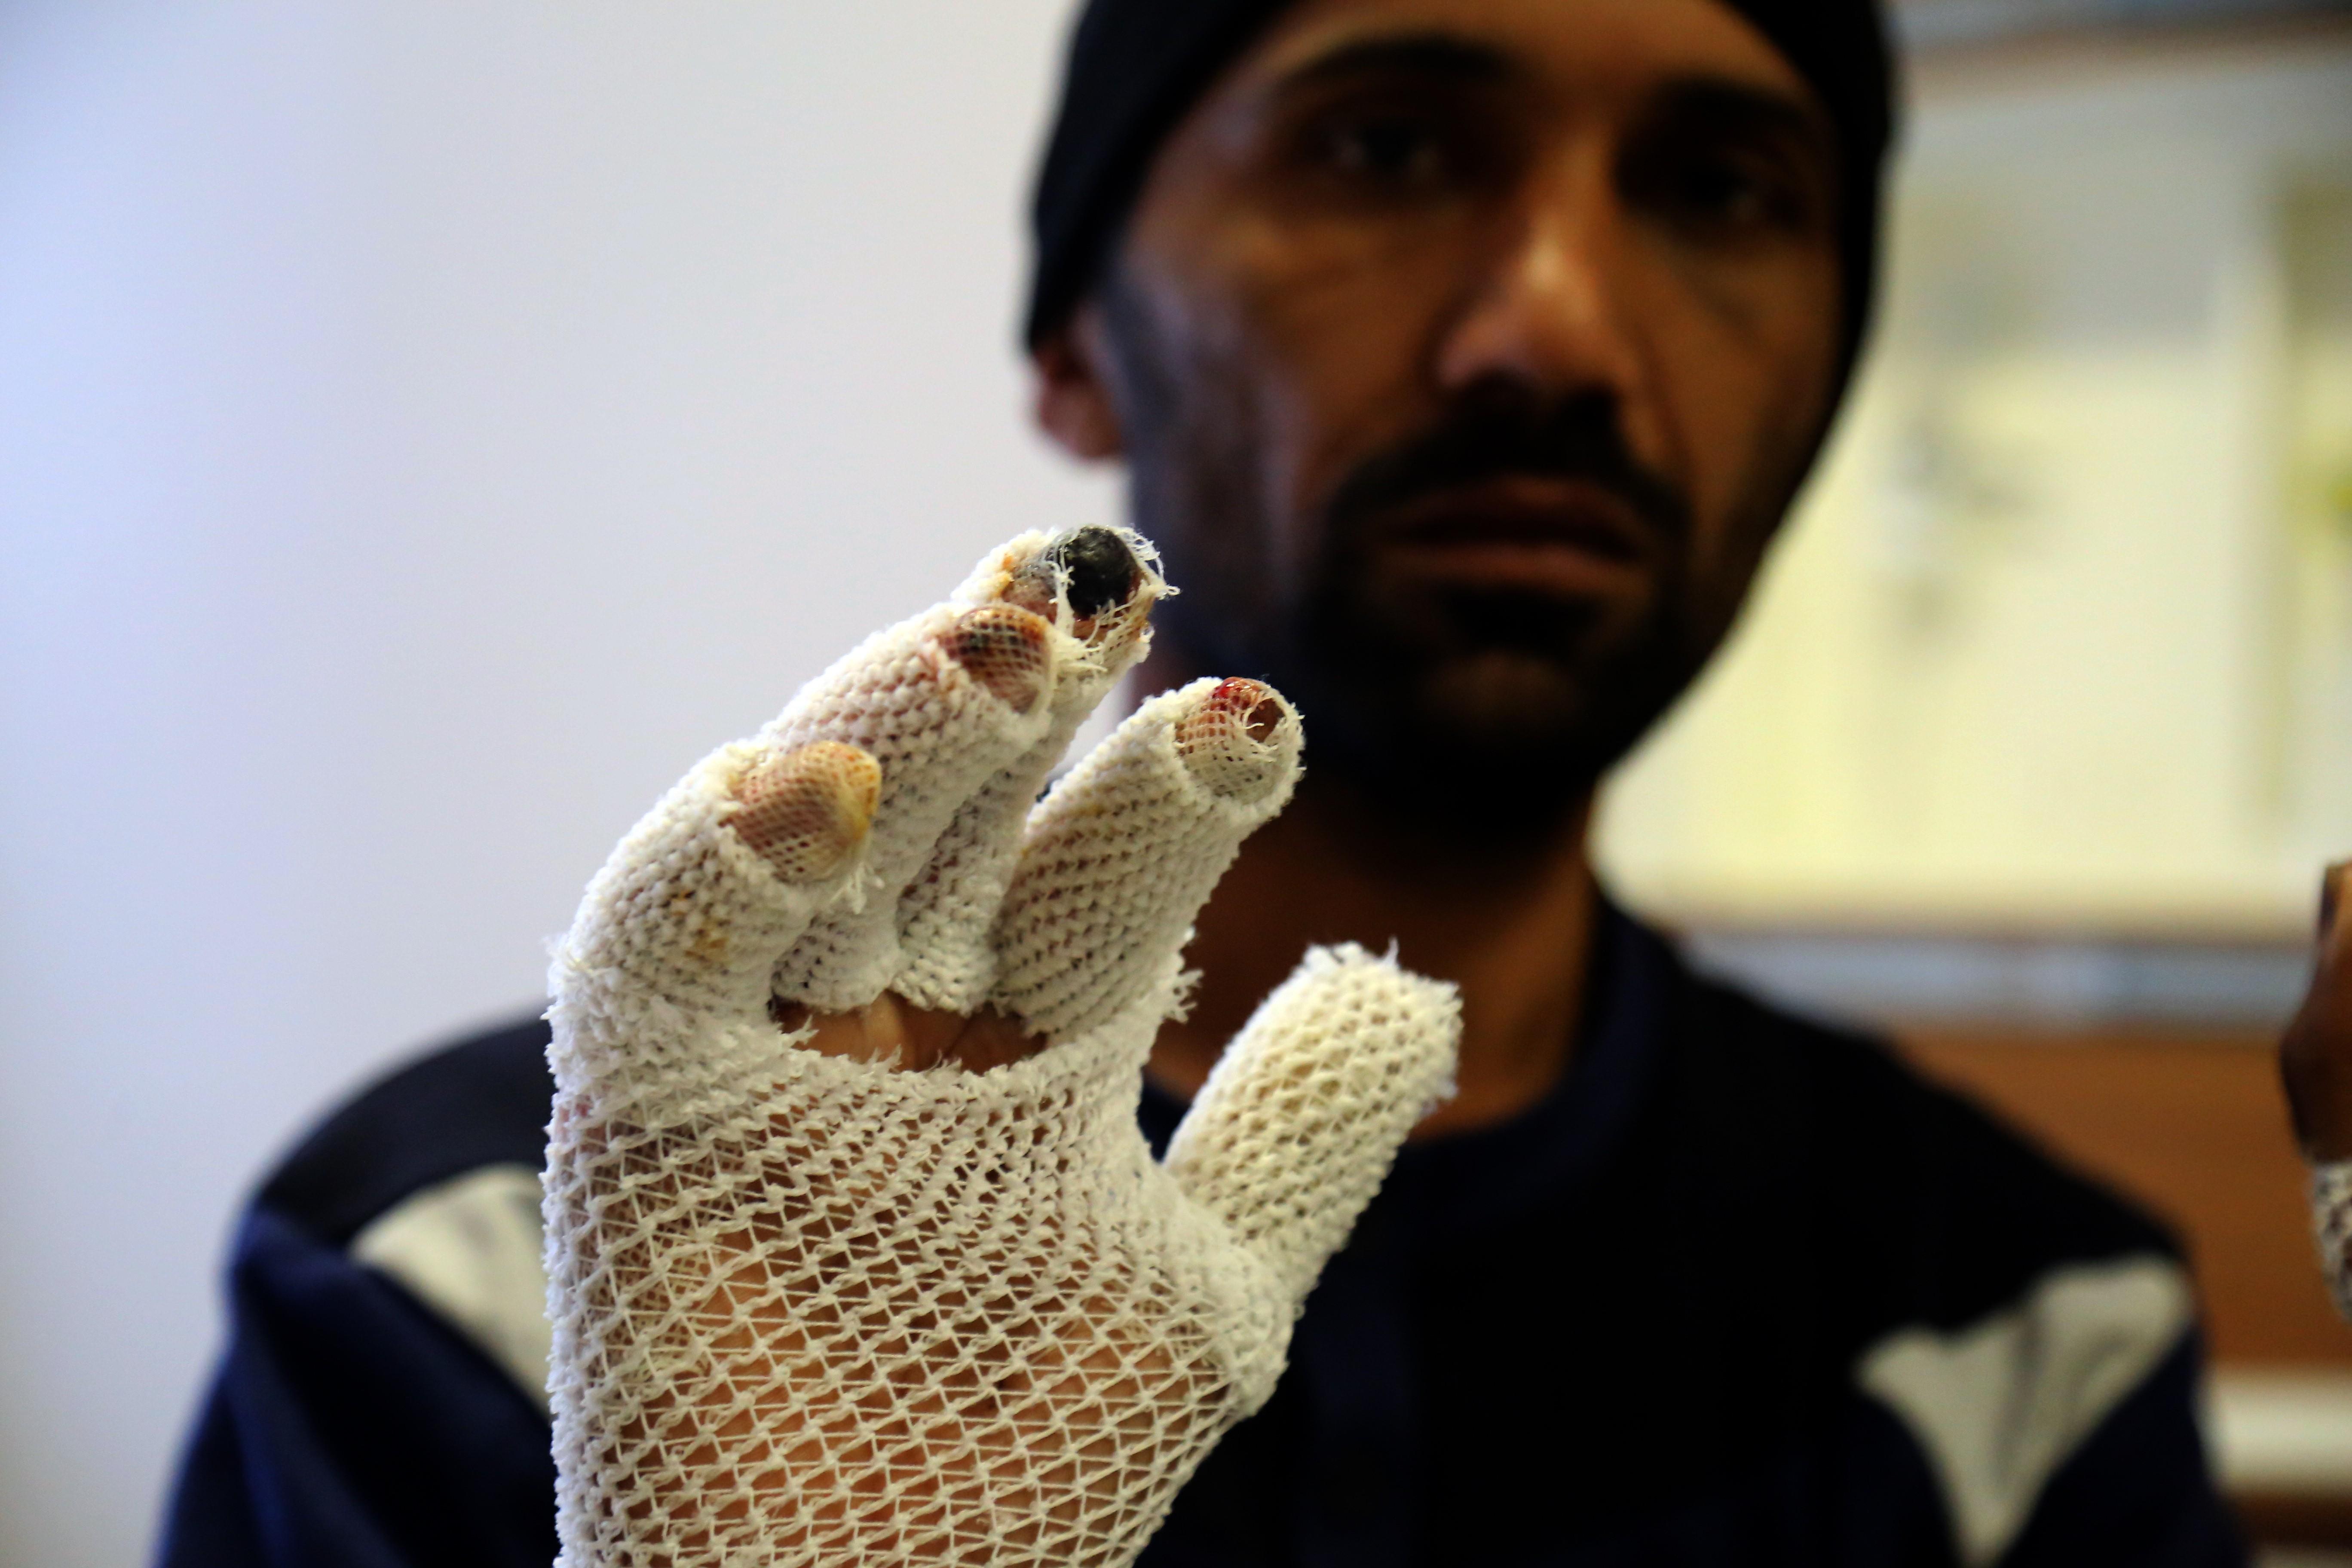 Sınırdan geçerken soğuktan el ve ayak parmakları donan mülteciler